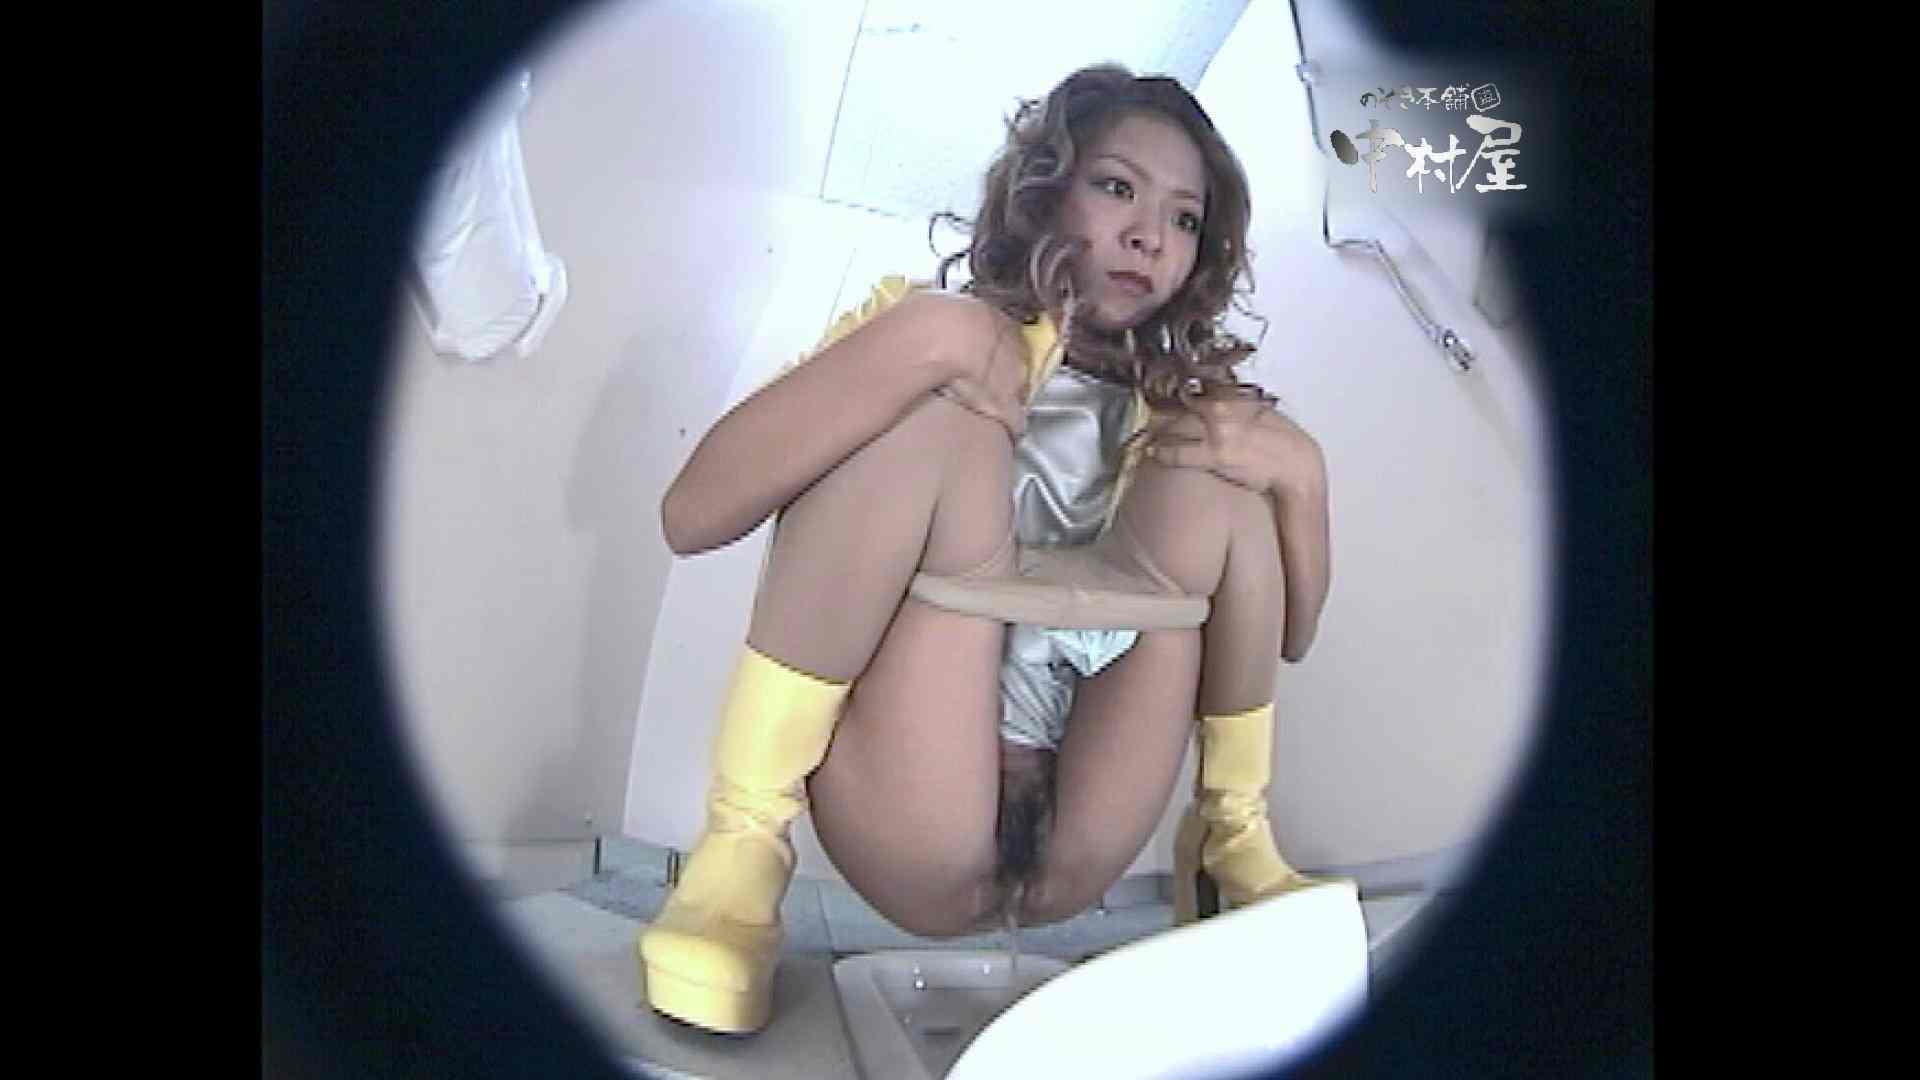 レースクィーントイレ盗撮!Vol.17 便器 覗きおまんこ画像 100画像 31